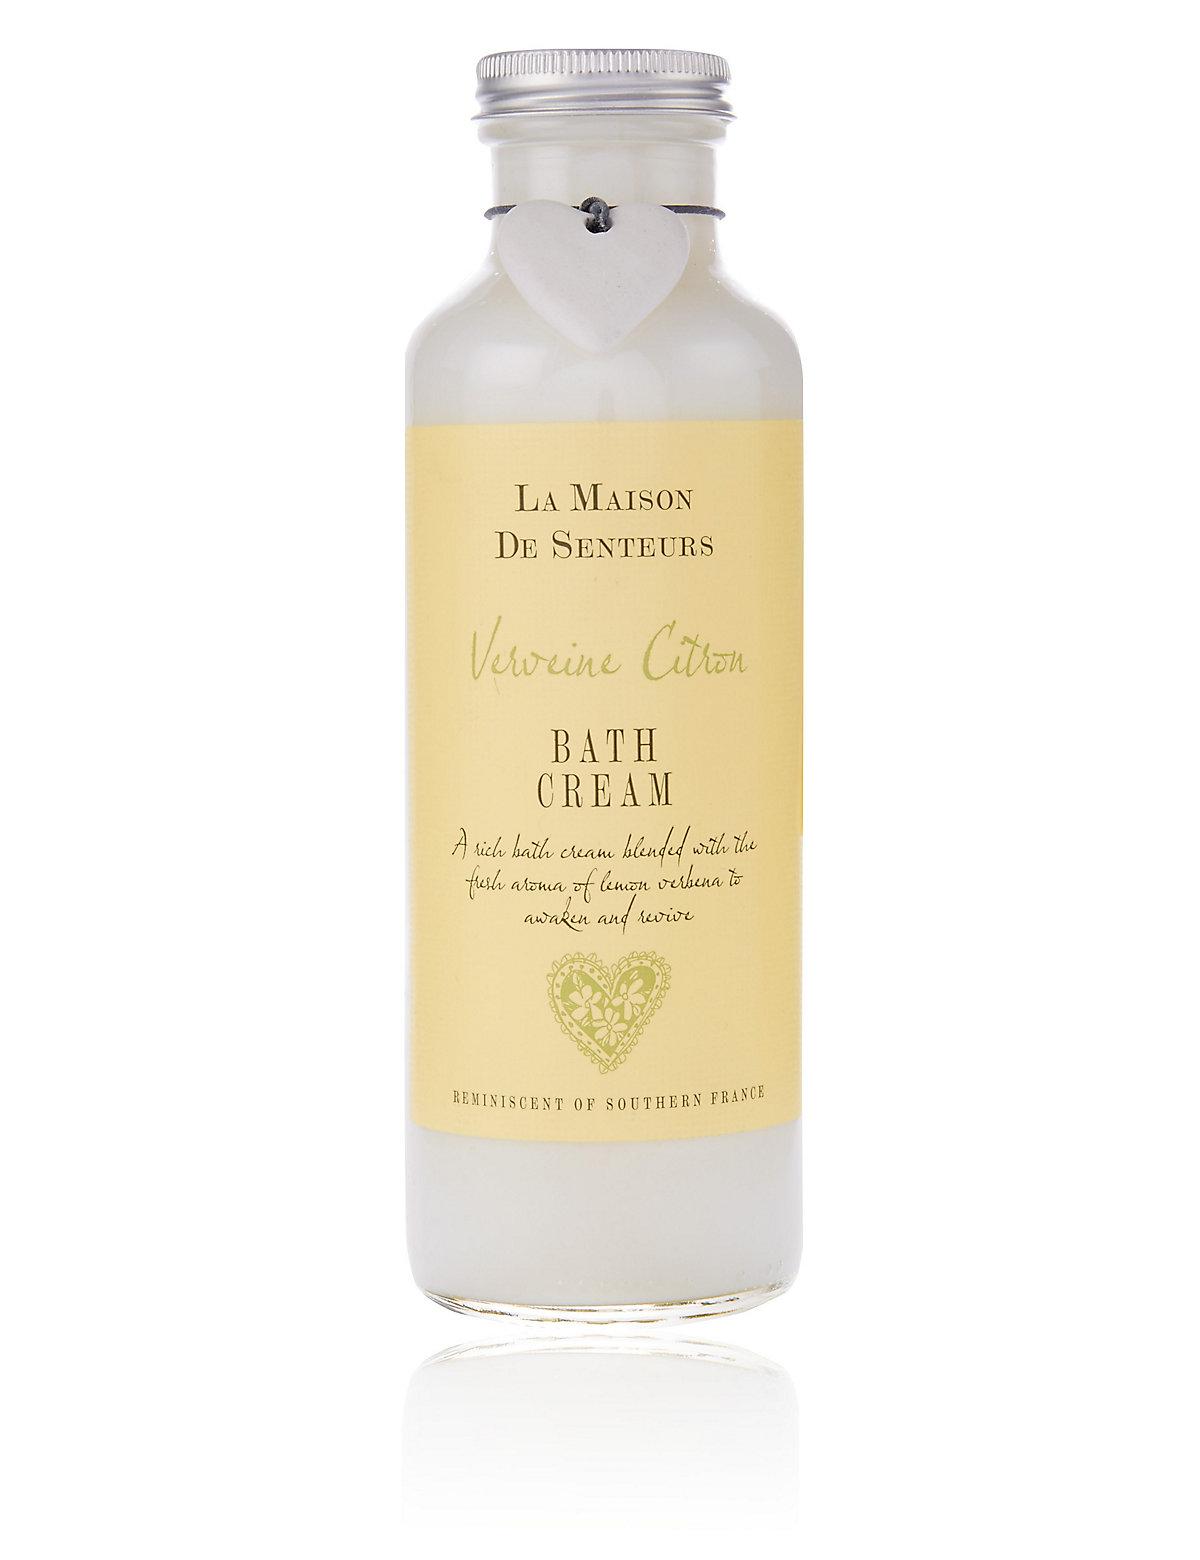 La Maison de Senteurs Verveine Citron Bath Cream 400ml